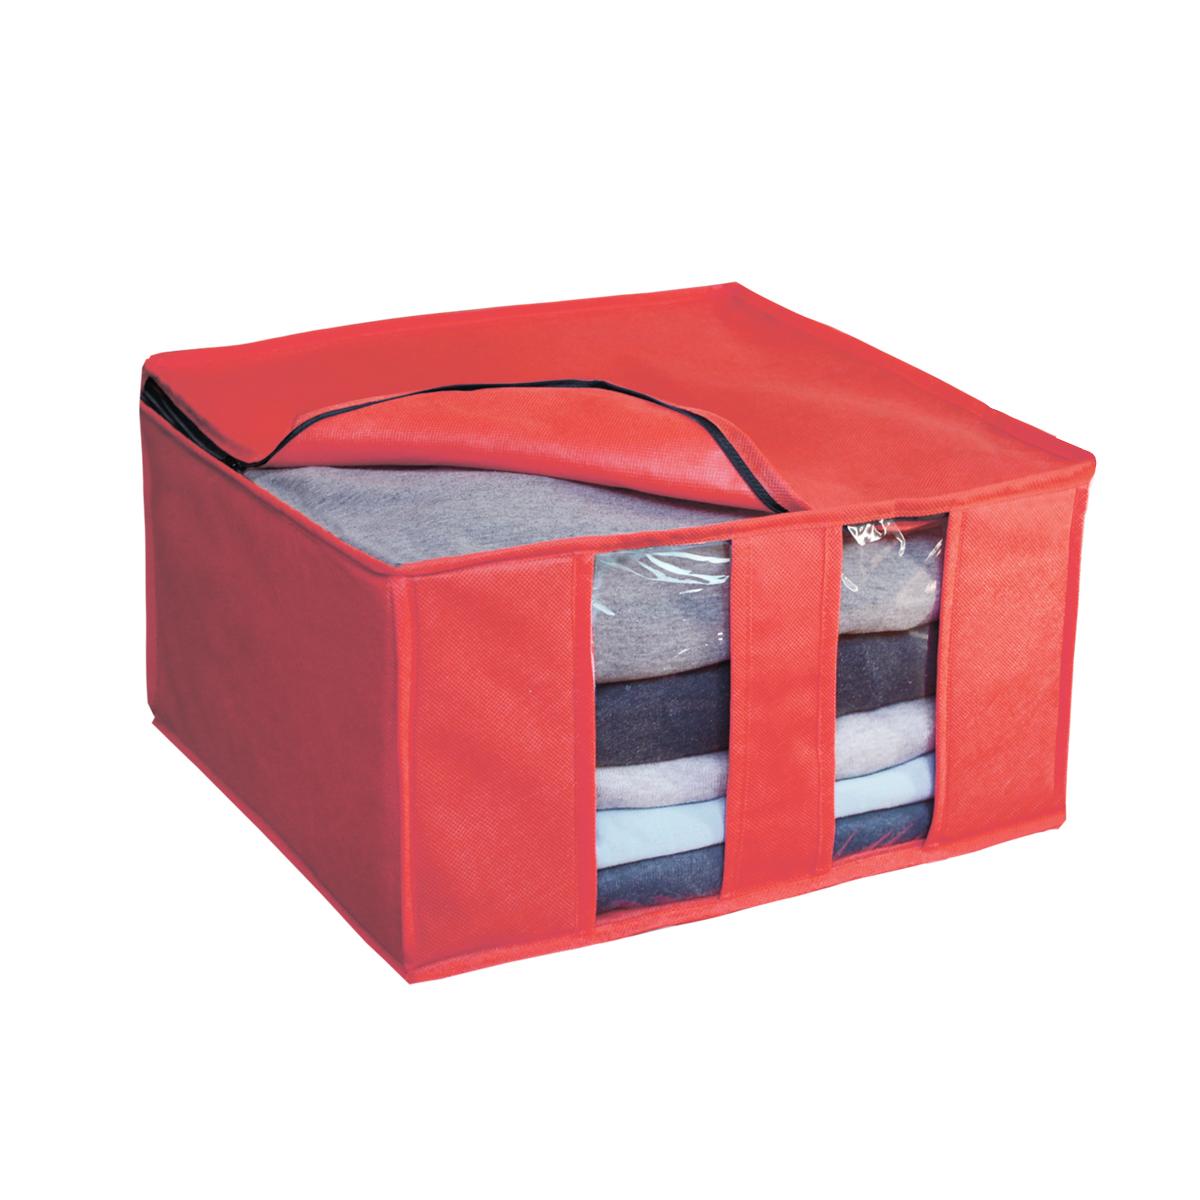 Кофр для хранения Miolla, складной, цвет: красный, 40 х 40 х 25 смCHL-6-3Компактный складной кофр Miolla изготовлен из высококачественногонетканого материала, которыйобеспечивает естественную вентиляцию, позволяя воздуху проникать внутрь,но не пропускает пыль. Изделие закрывается на молнию. Размер кофра (в собранном виде): 40 x 40 x 25 см.